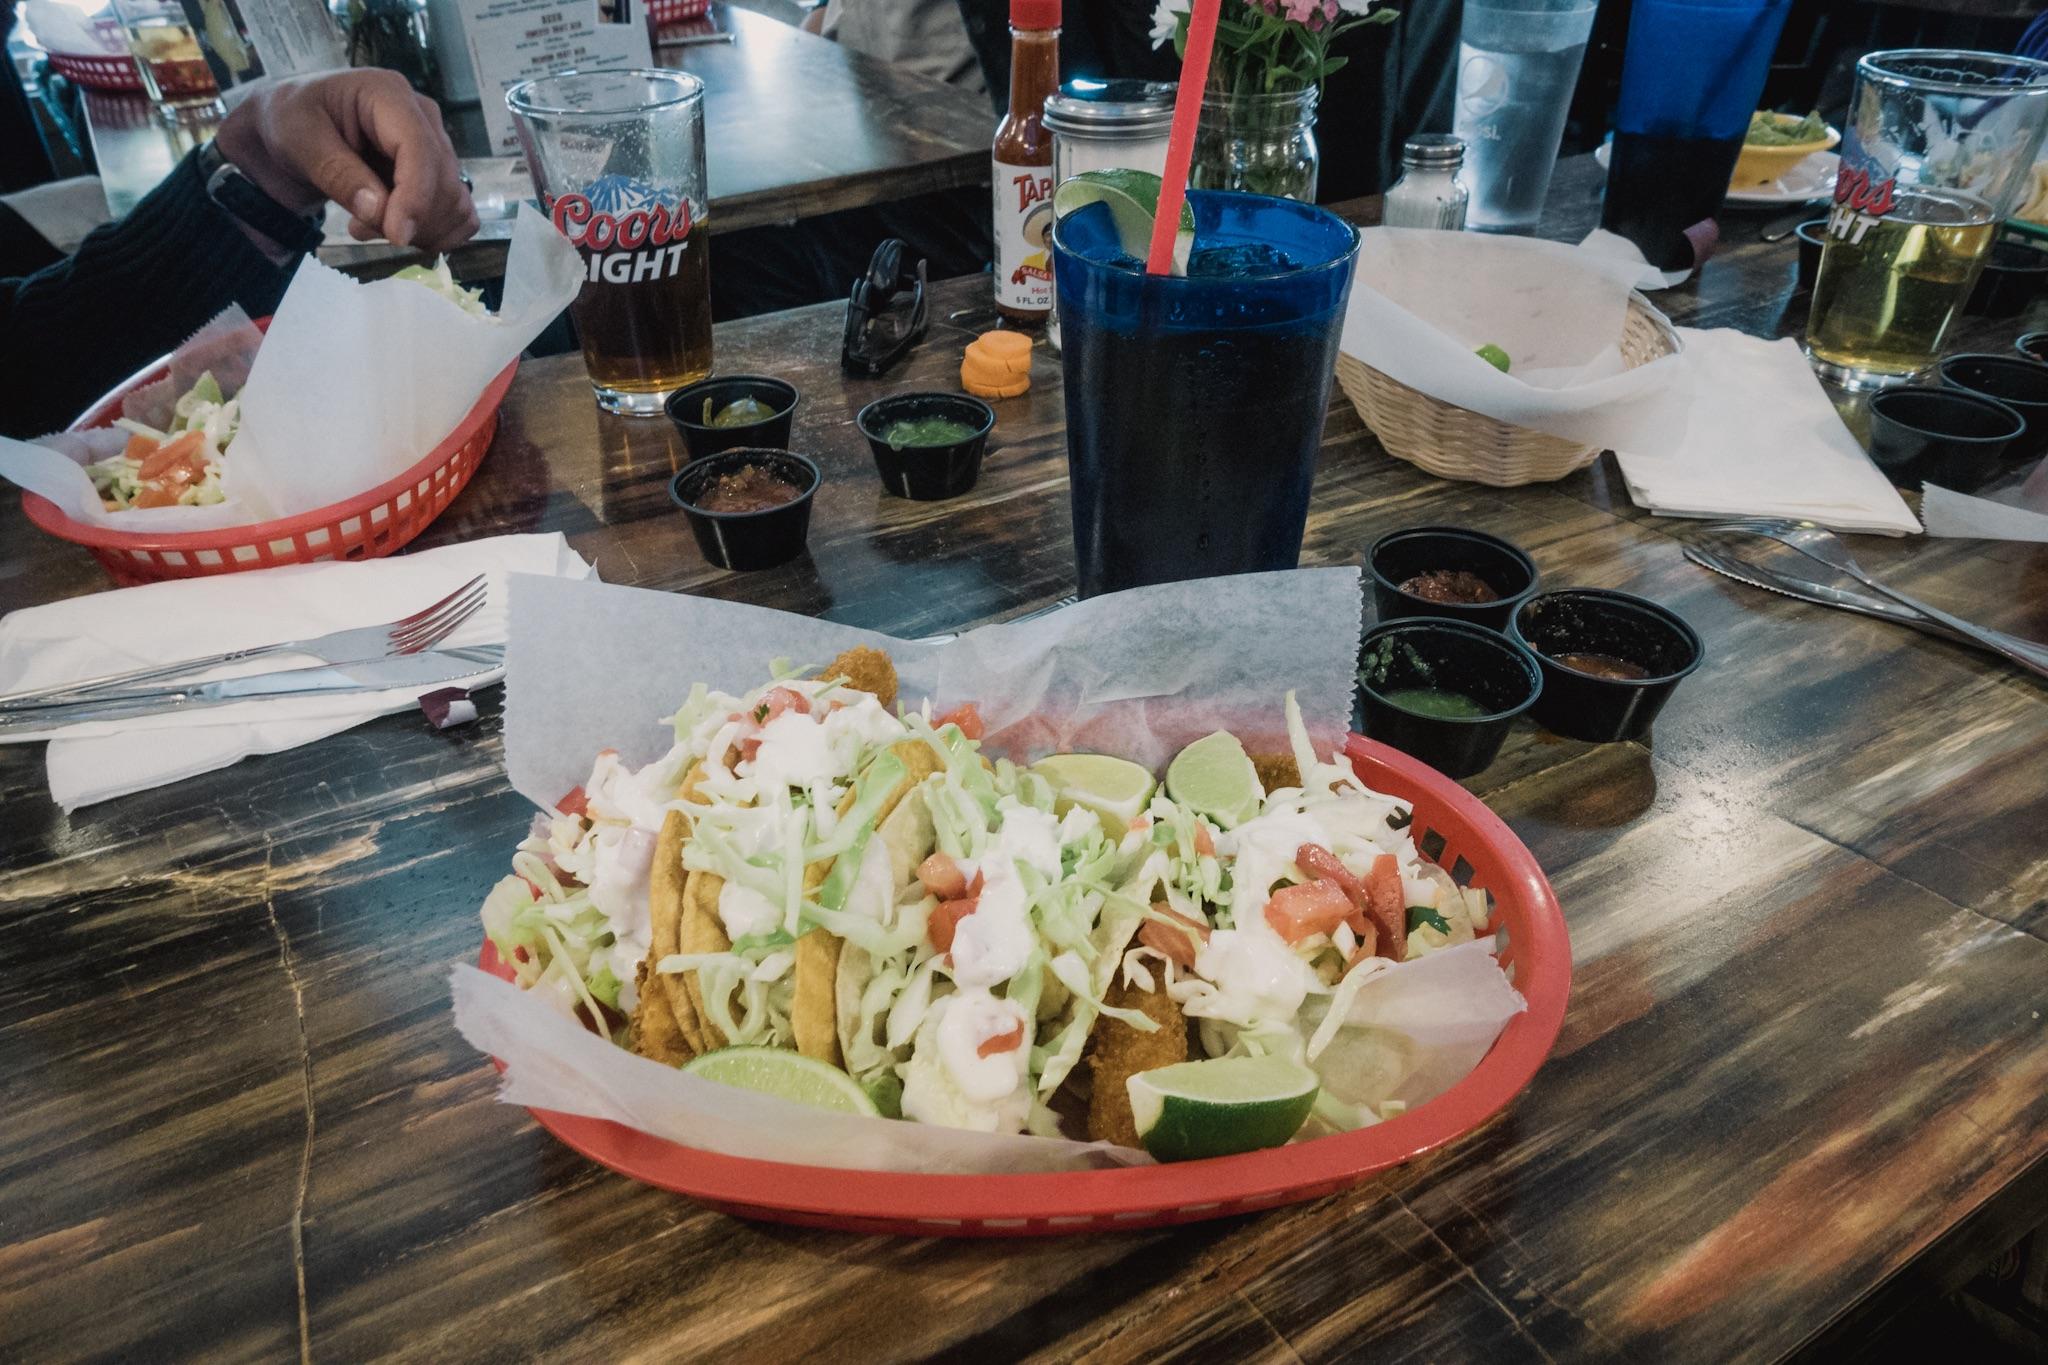 $1 tacos.